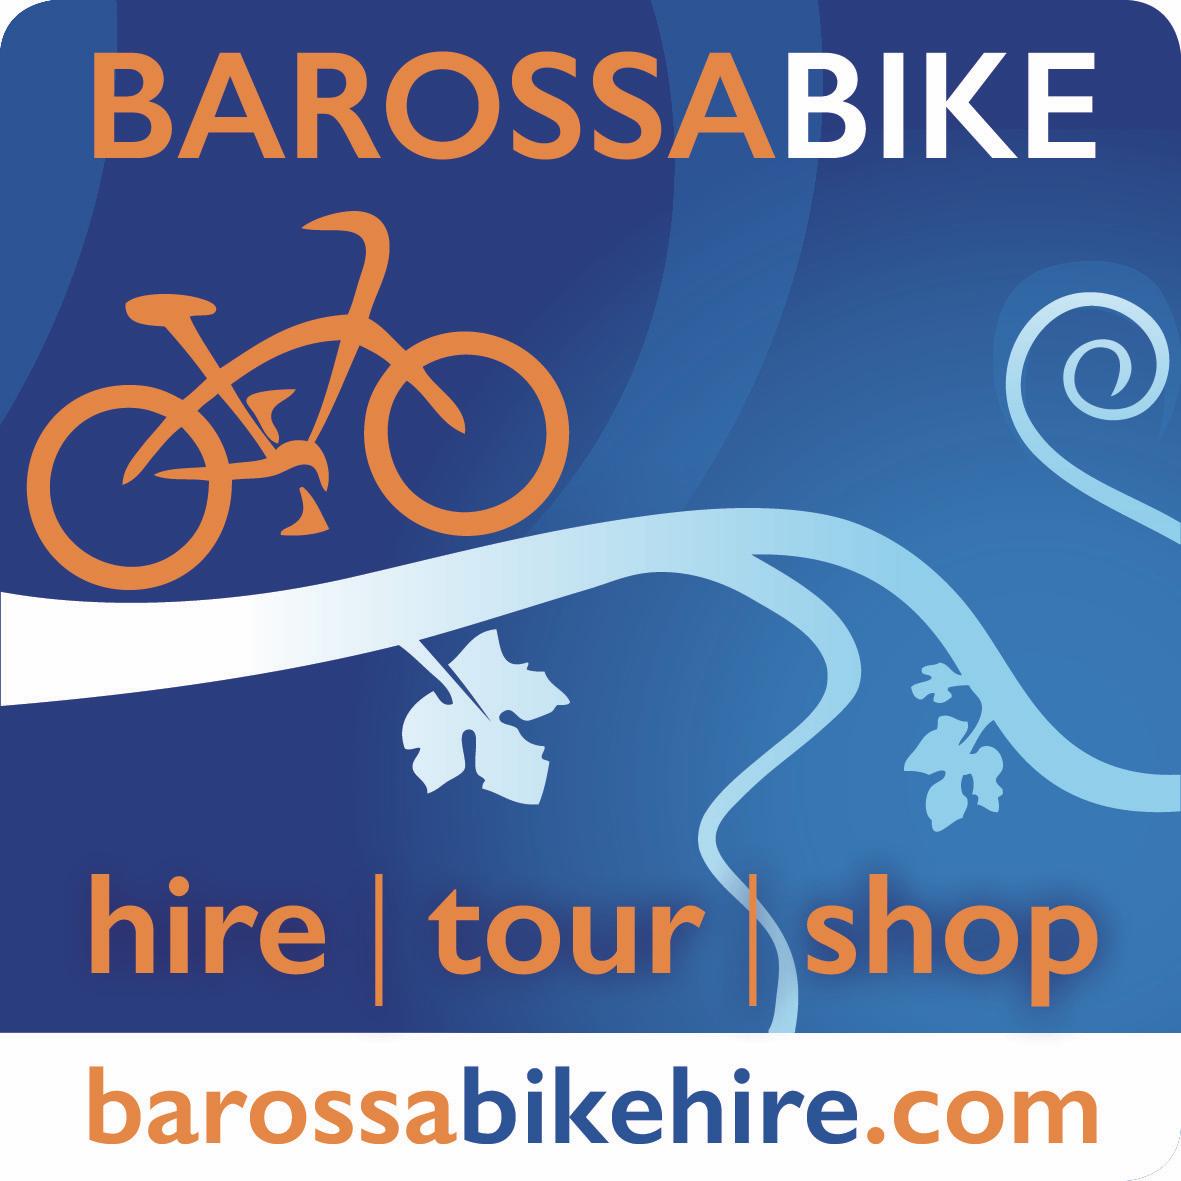 Barossa Bike